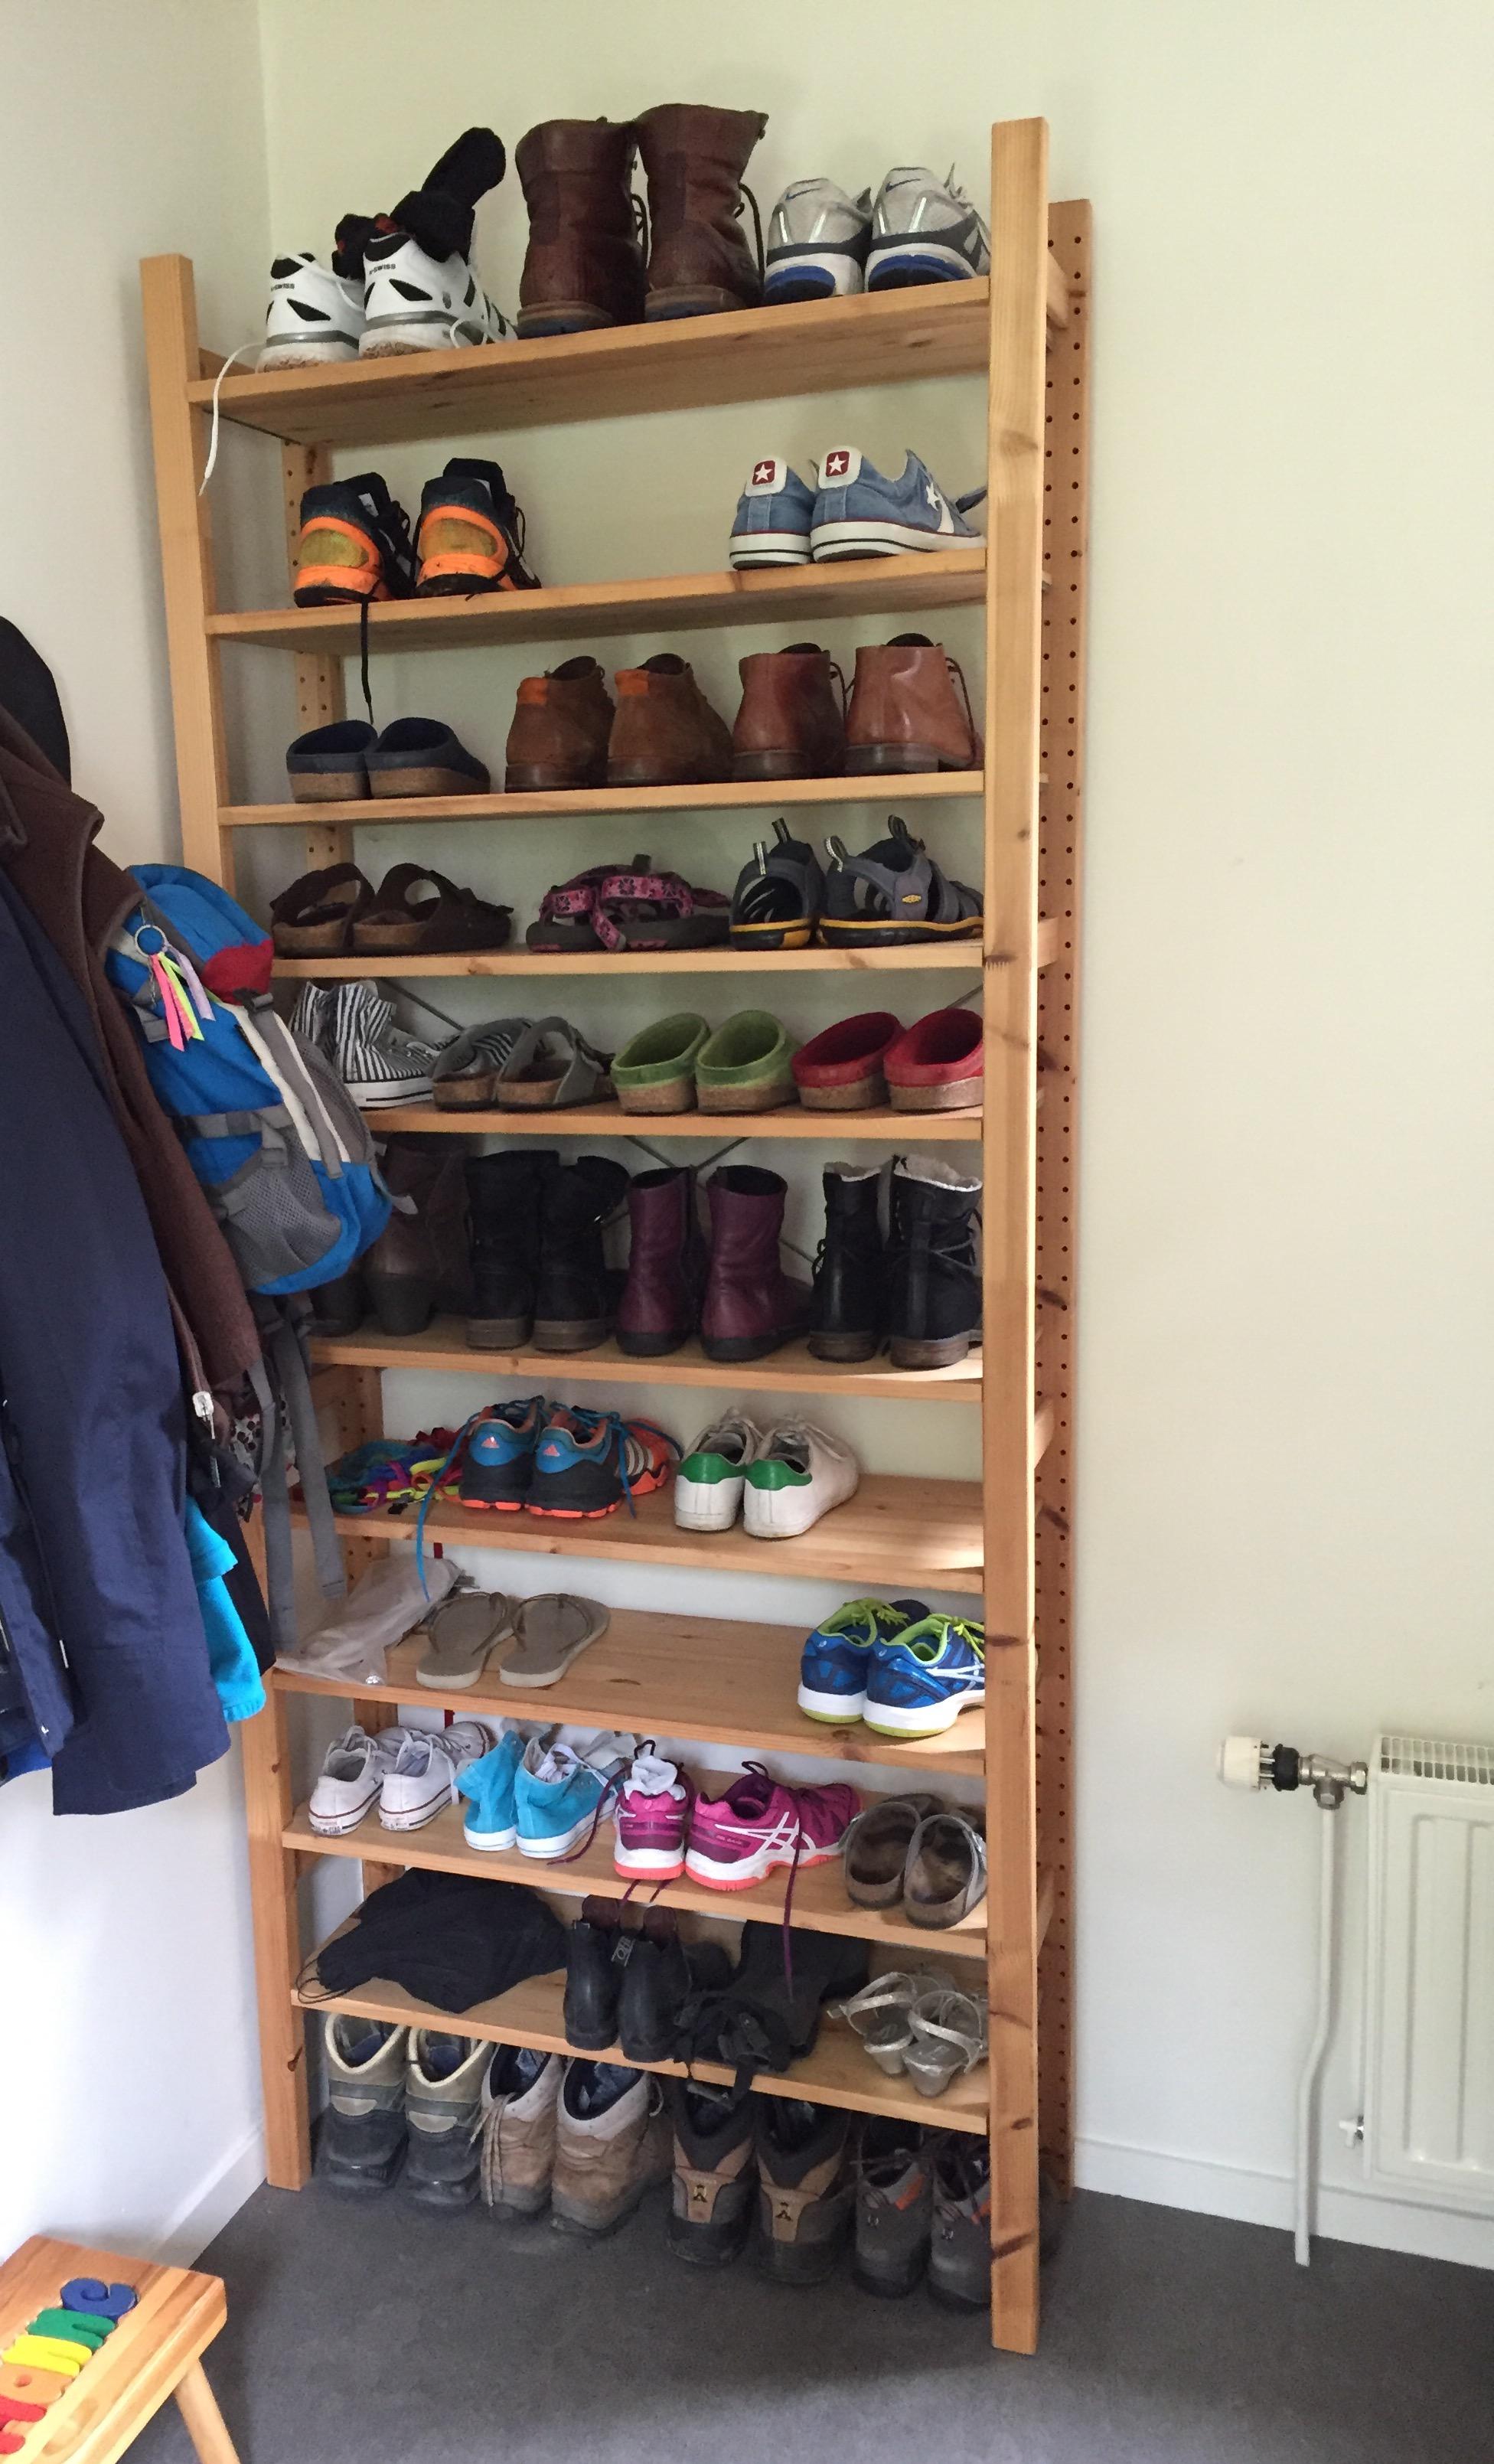 Schoenenkast Voor Heel Veel Schoenen.Hoe Bewaar Je 44 Paar Schoenen Op Minder Dan Een Halve Vierkante Meter